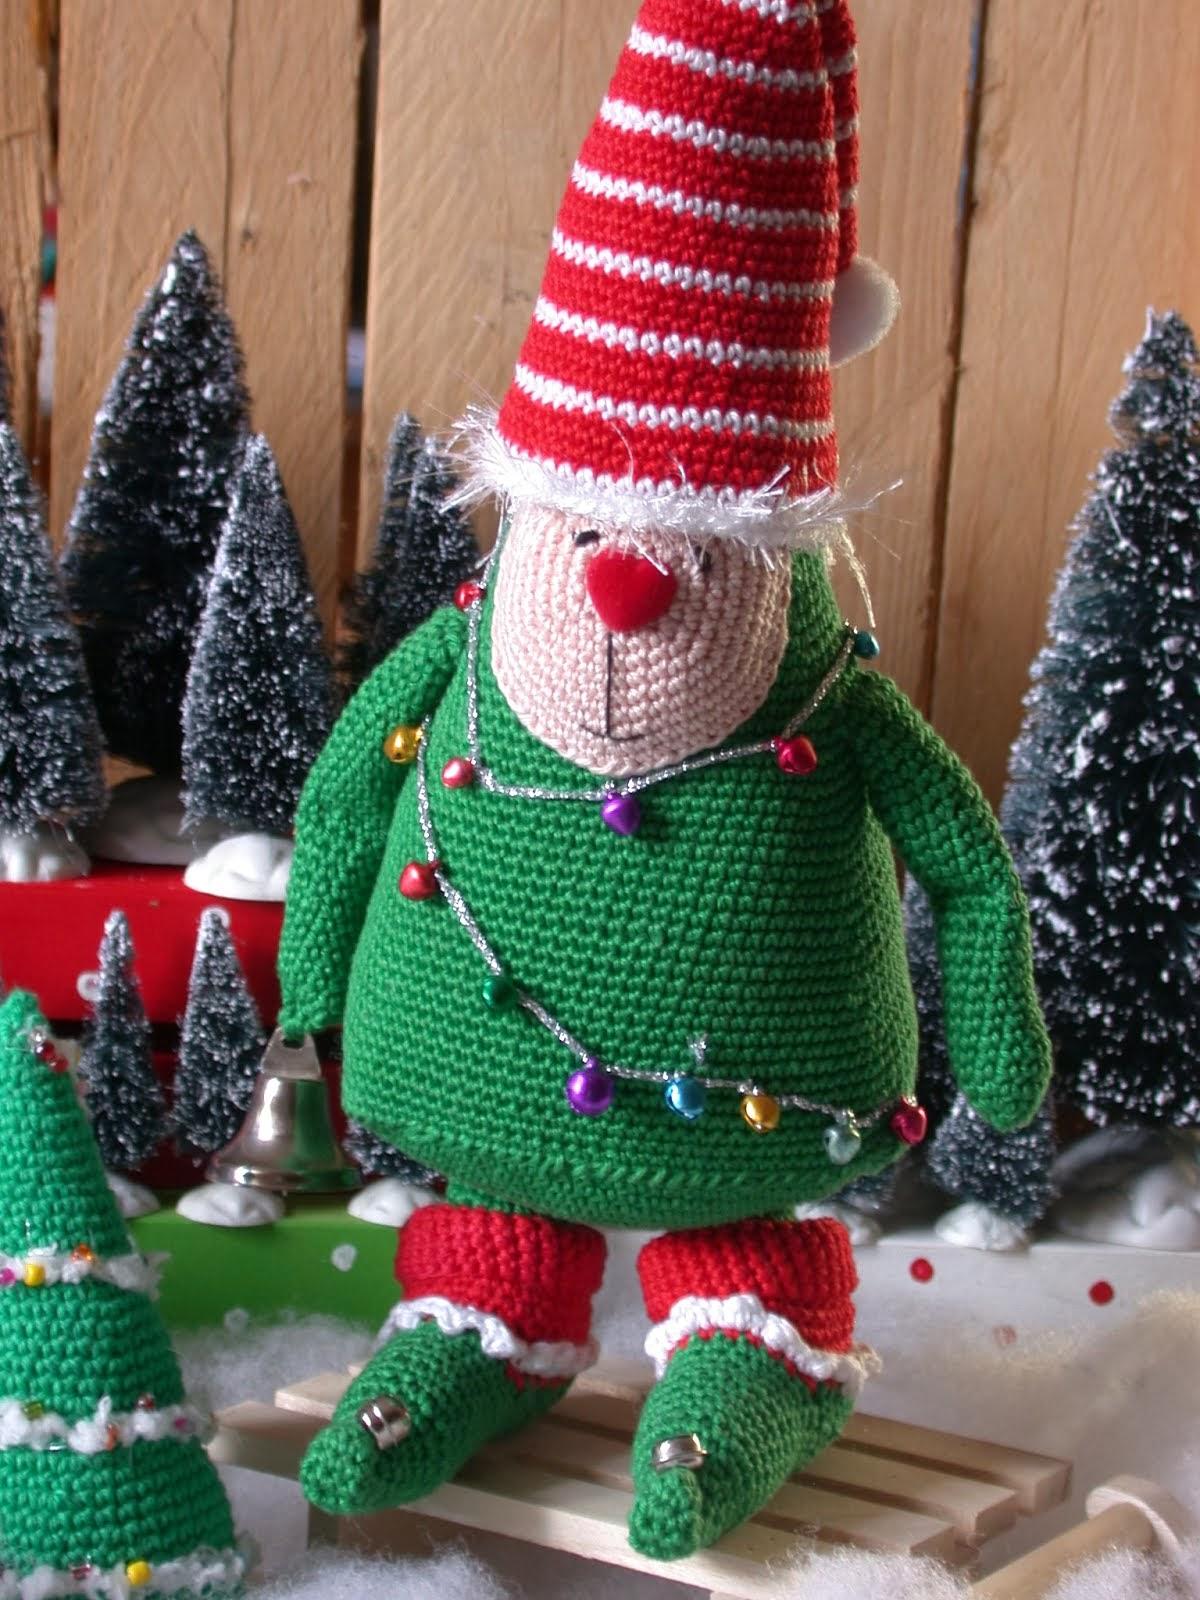 Kareltje de Kerstboom